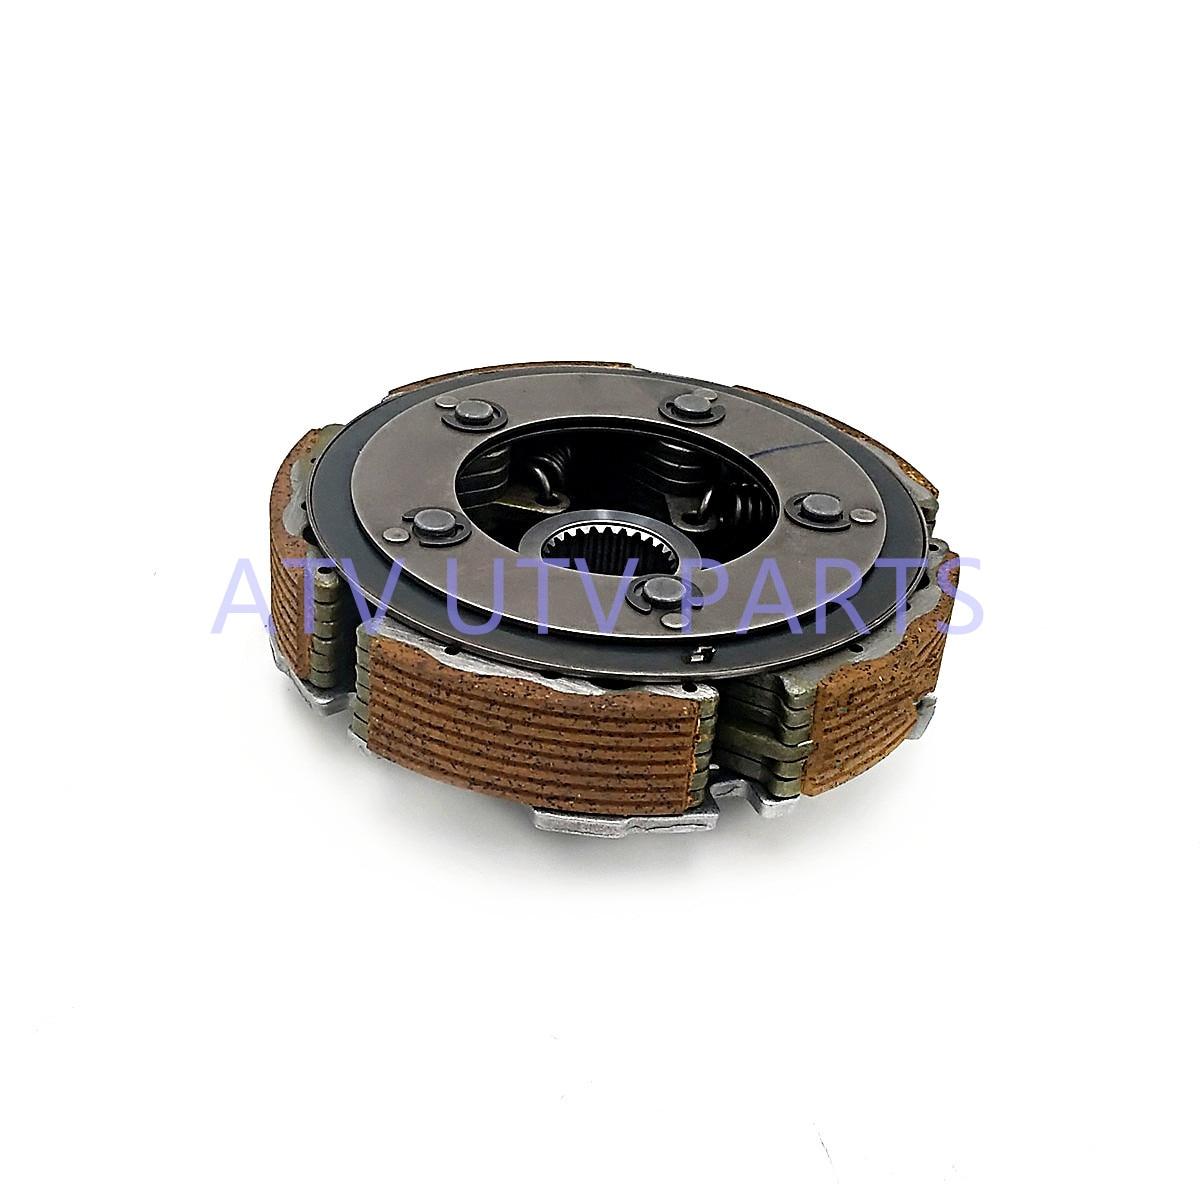 Двигатель Yamah.a (Гризли) 660 wet clucth assy 5KM-16620-00-00